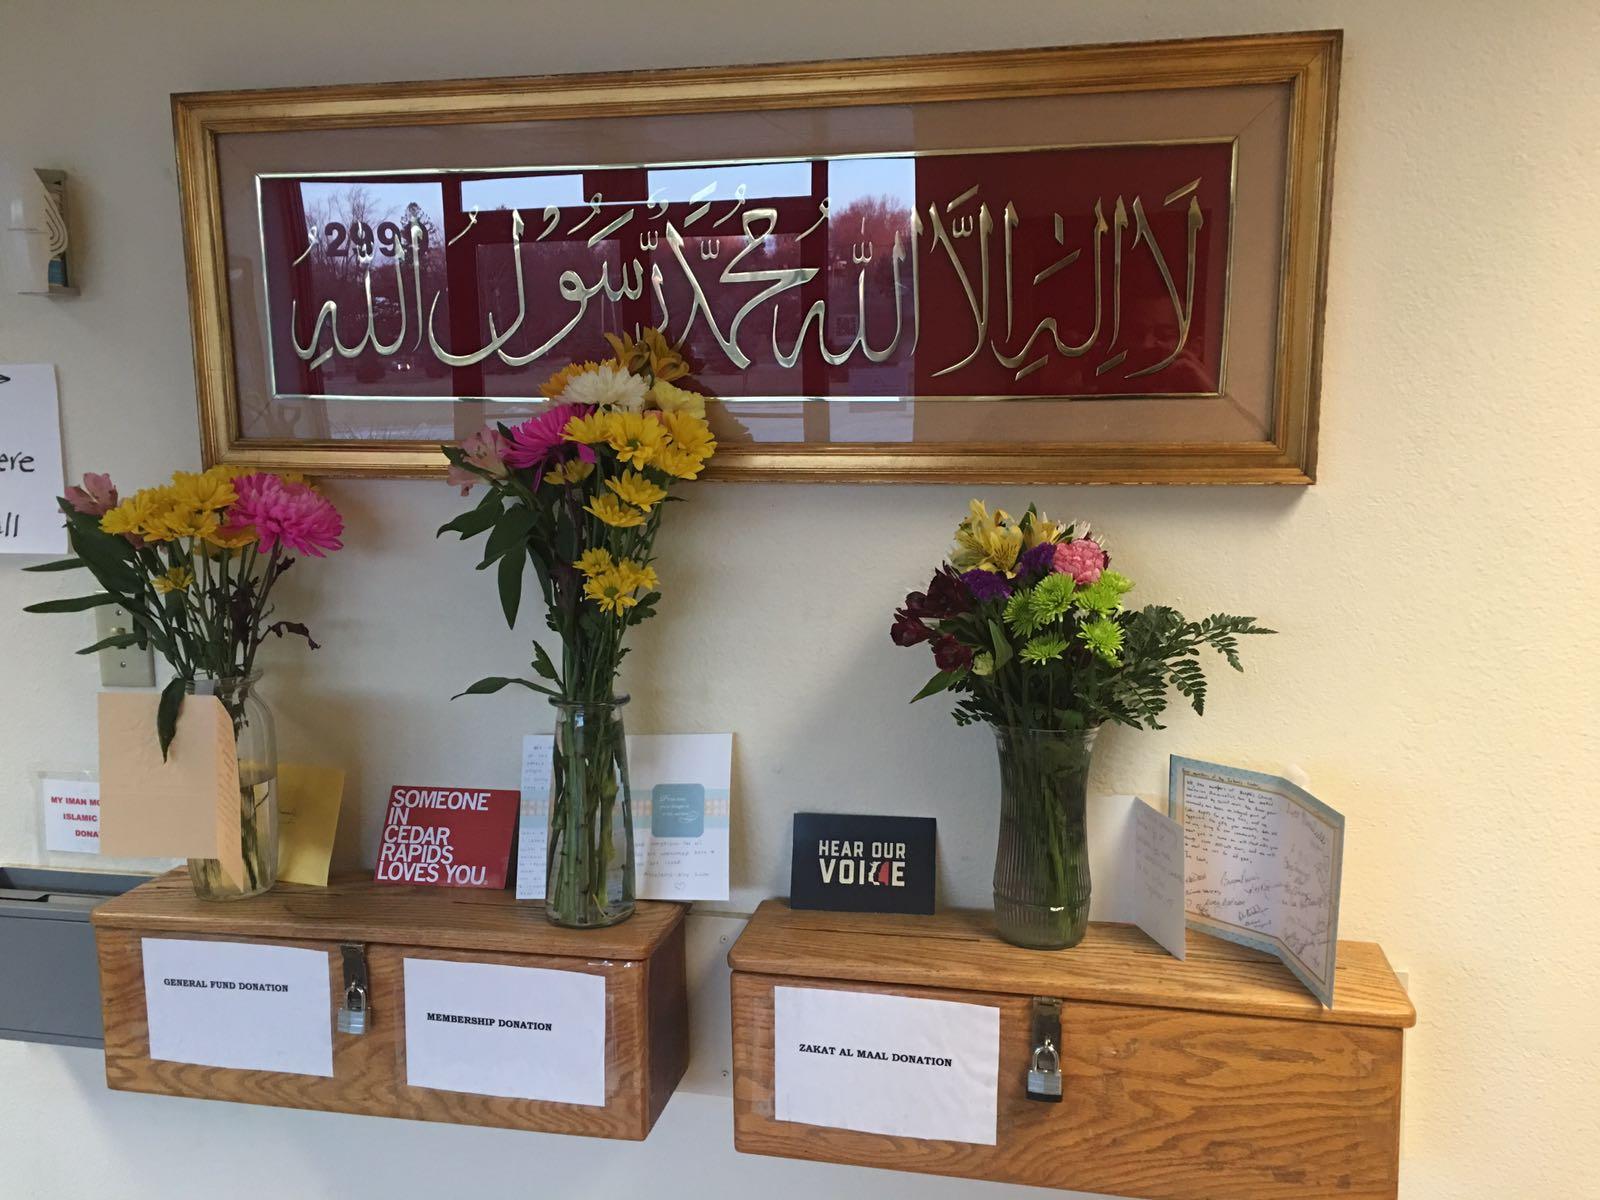 Cedar Rapids' Muslim center receives kindness, care from